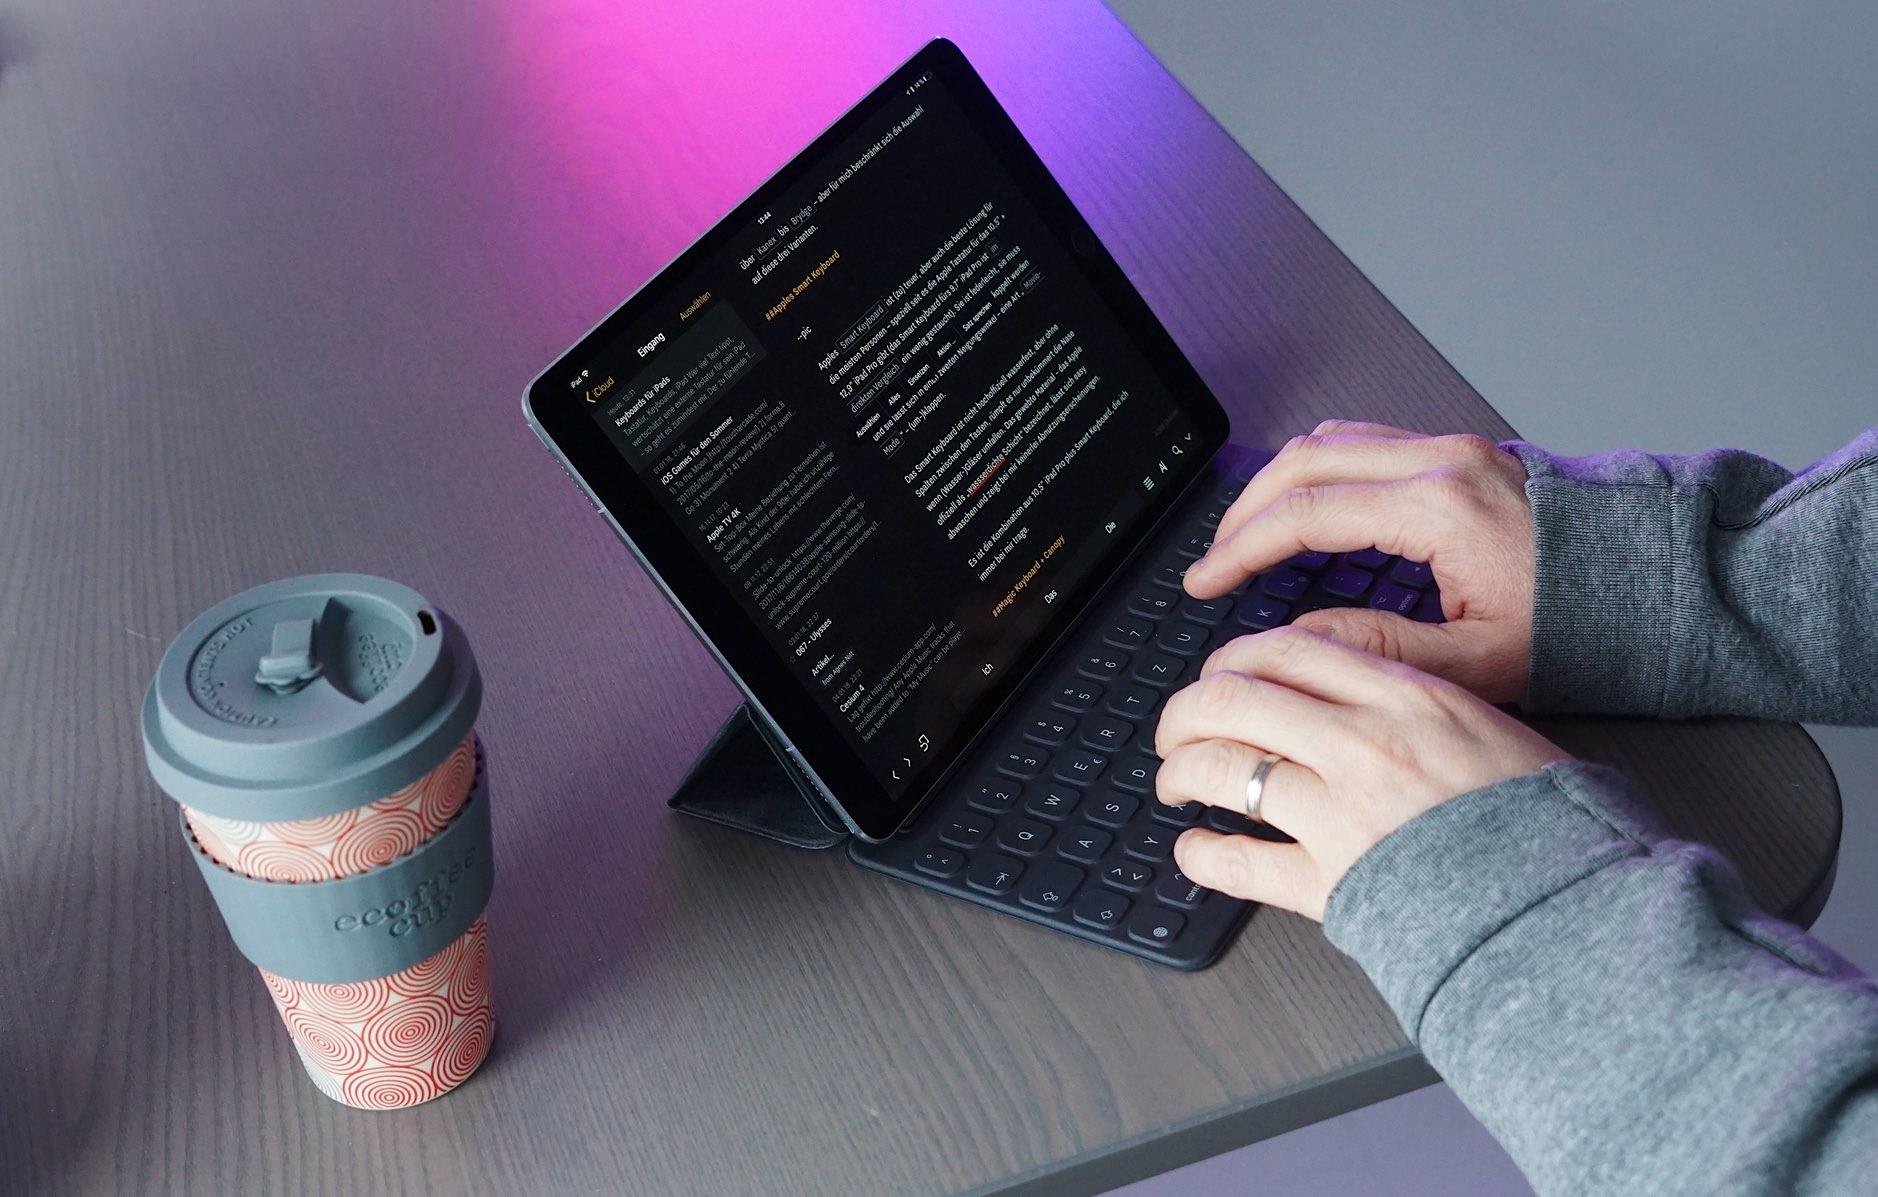 Können Sie eine Maus und Tastatur an ein iPad anschließen